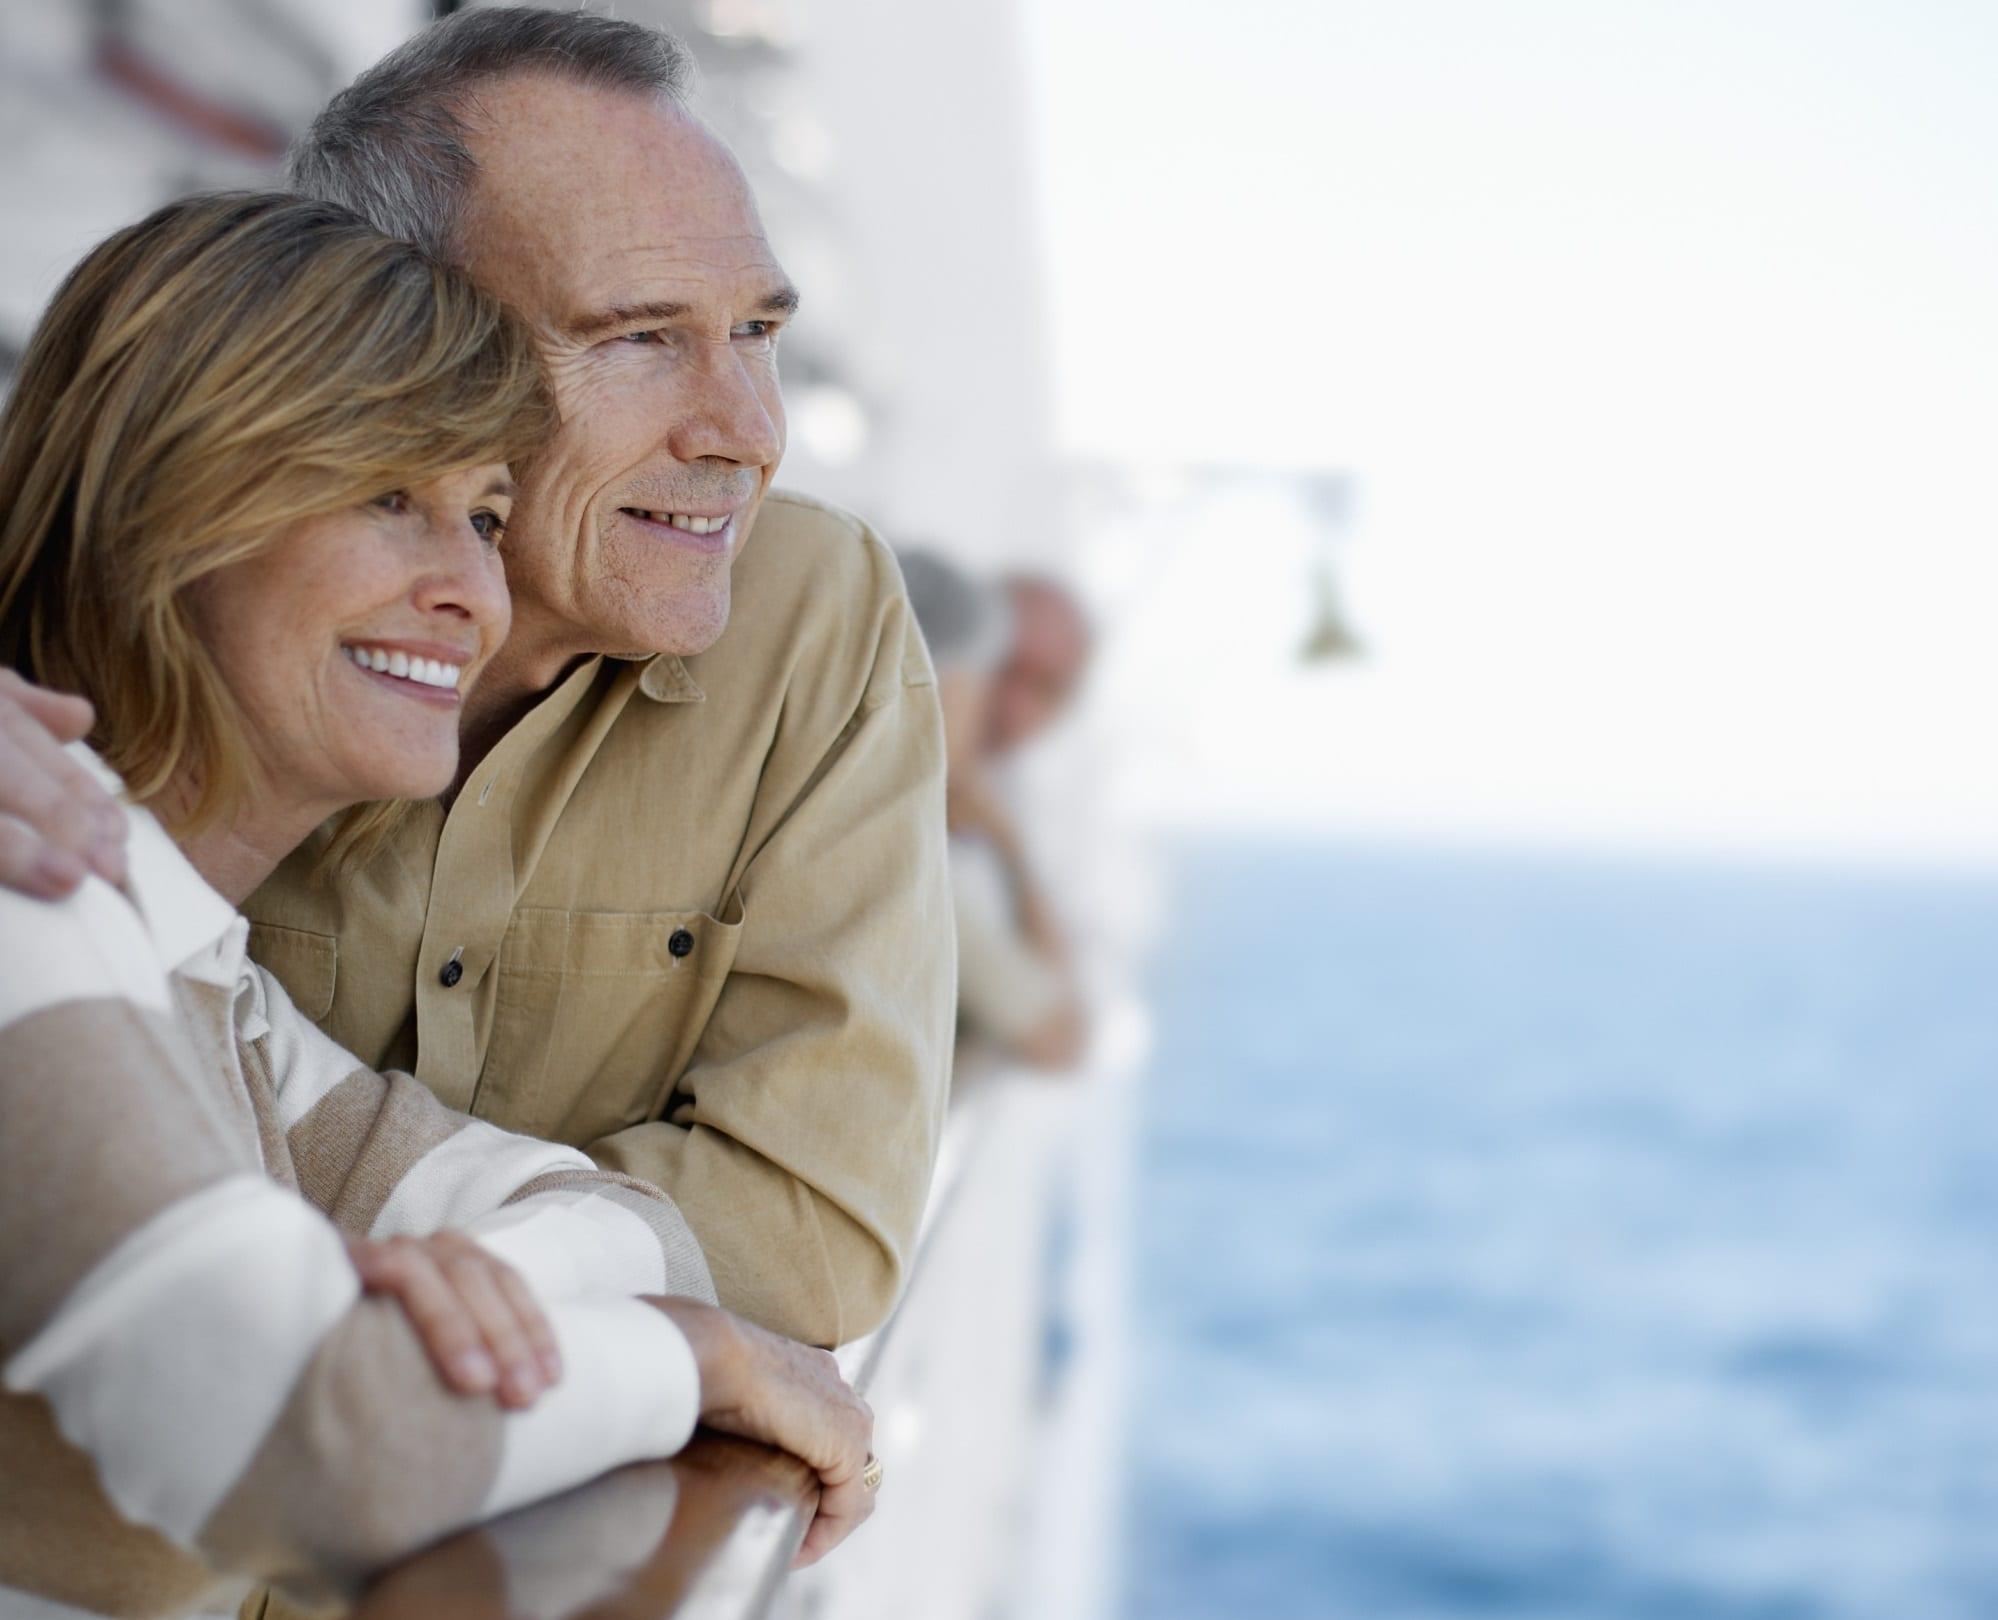 זוג בגילאי 50